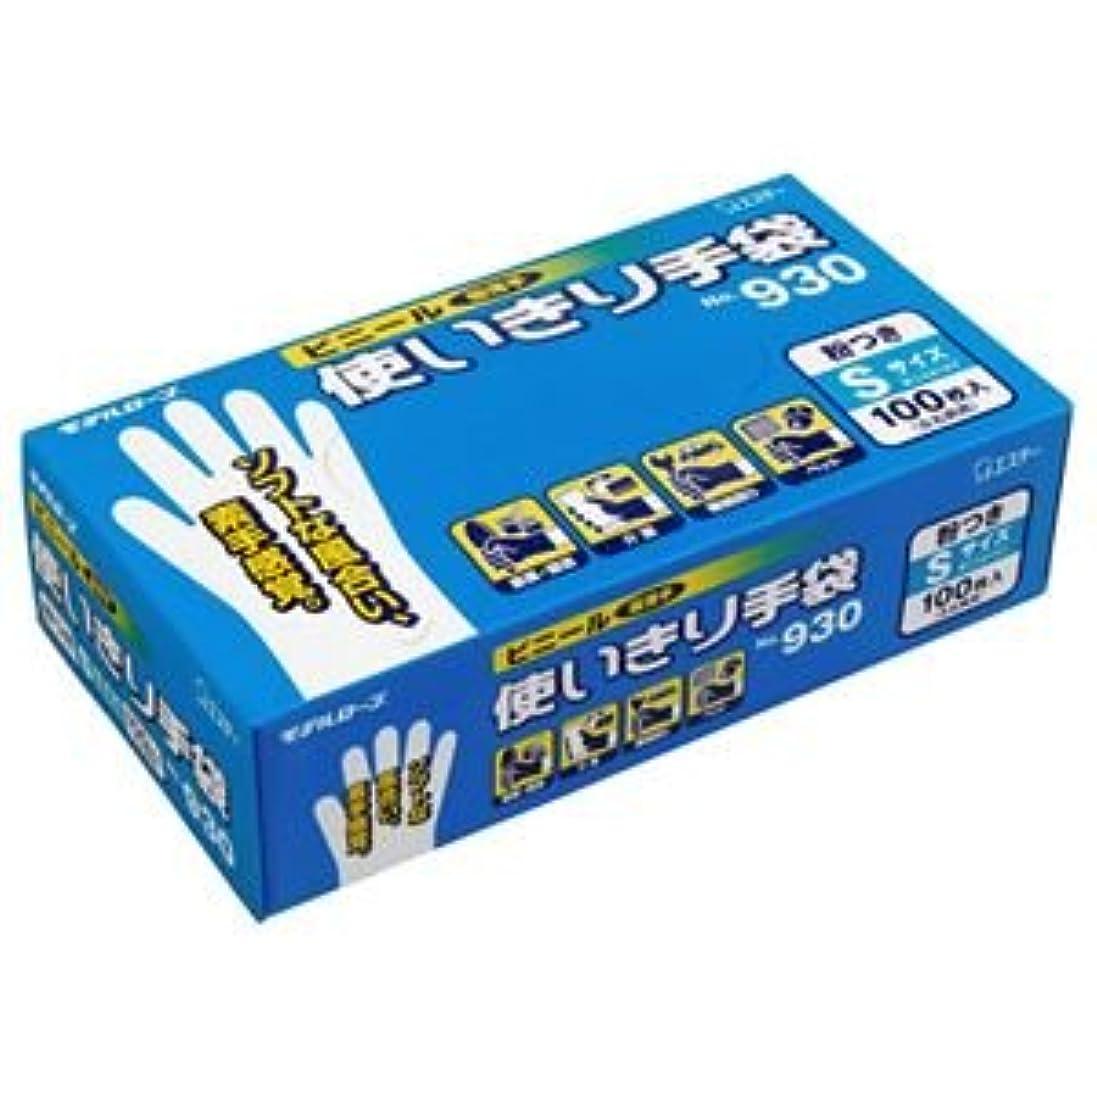 シーボード習字始める(まとめ) エステー No.930 ビニール使いきり手袋(粉付) S 1箱(100枚) 【×5セット】